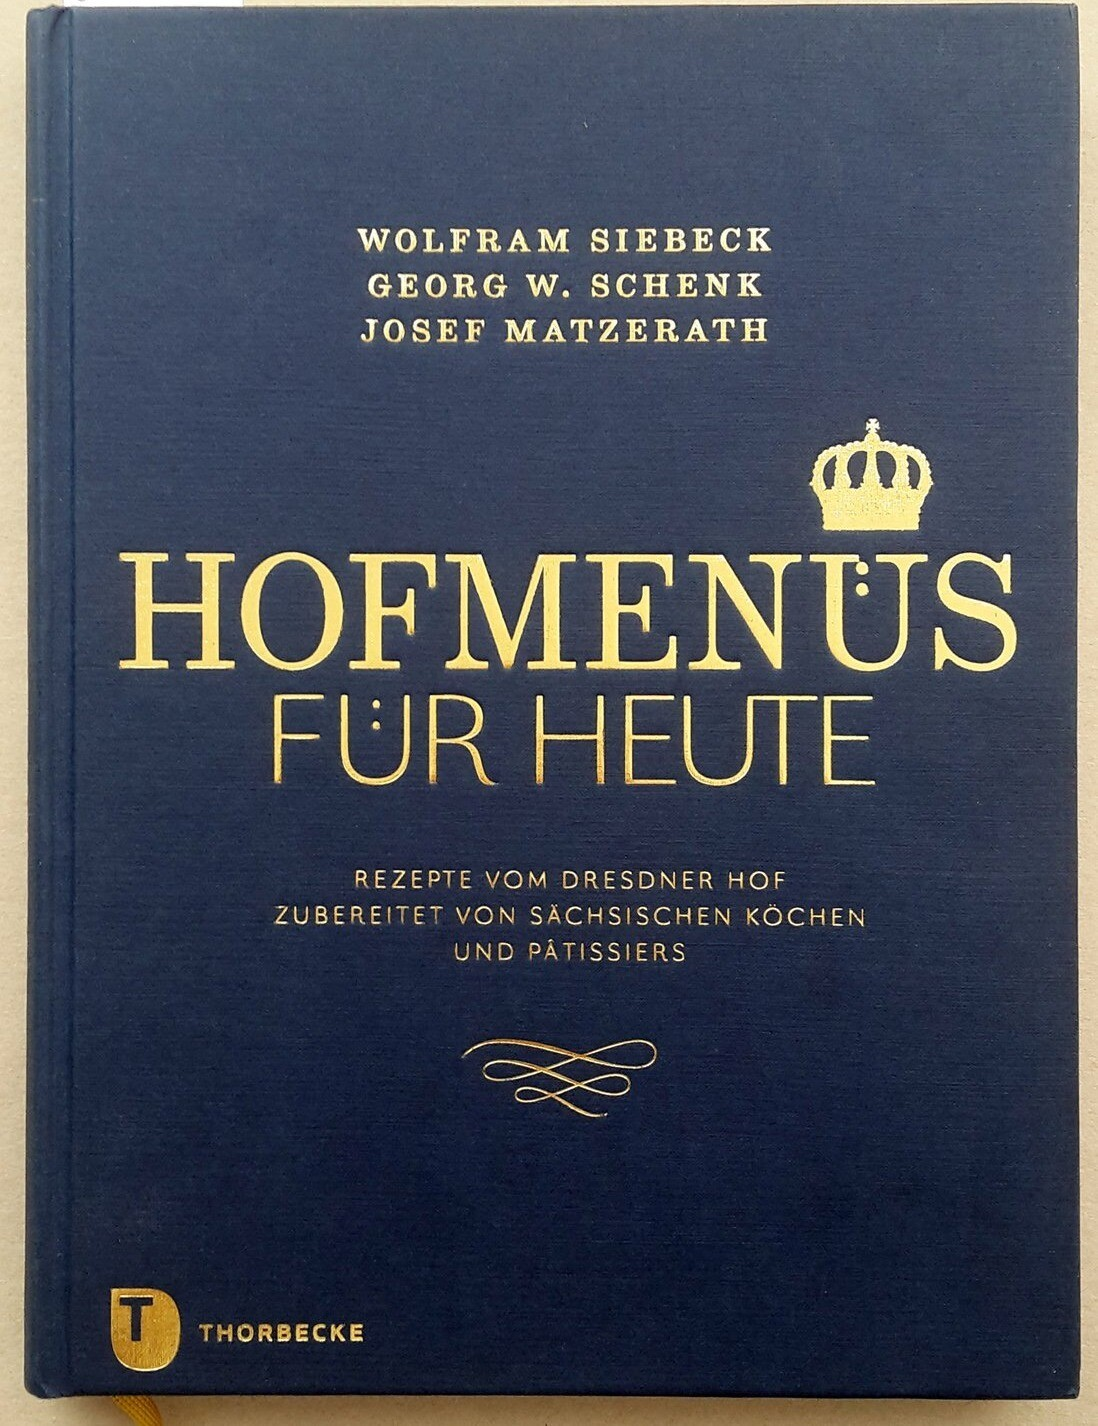 Kochbuch: Hofmenüs für Heute -Rezepte vom Dresdner Hof aktualisiert von sächsischen Köchen und Pâtissiers